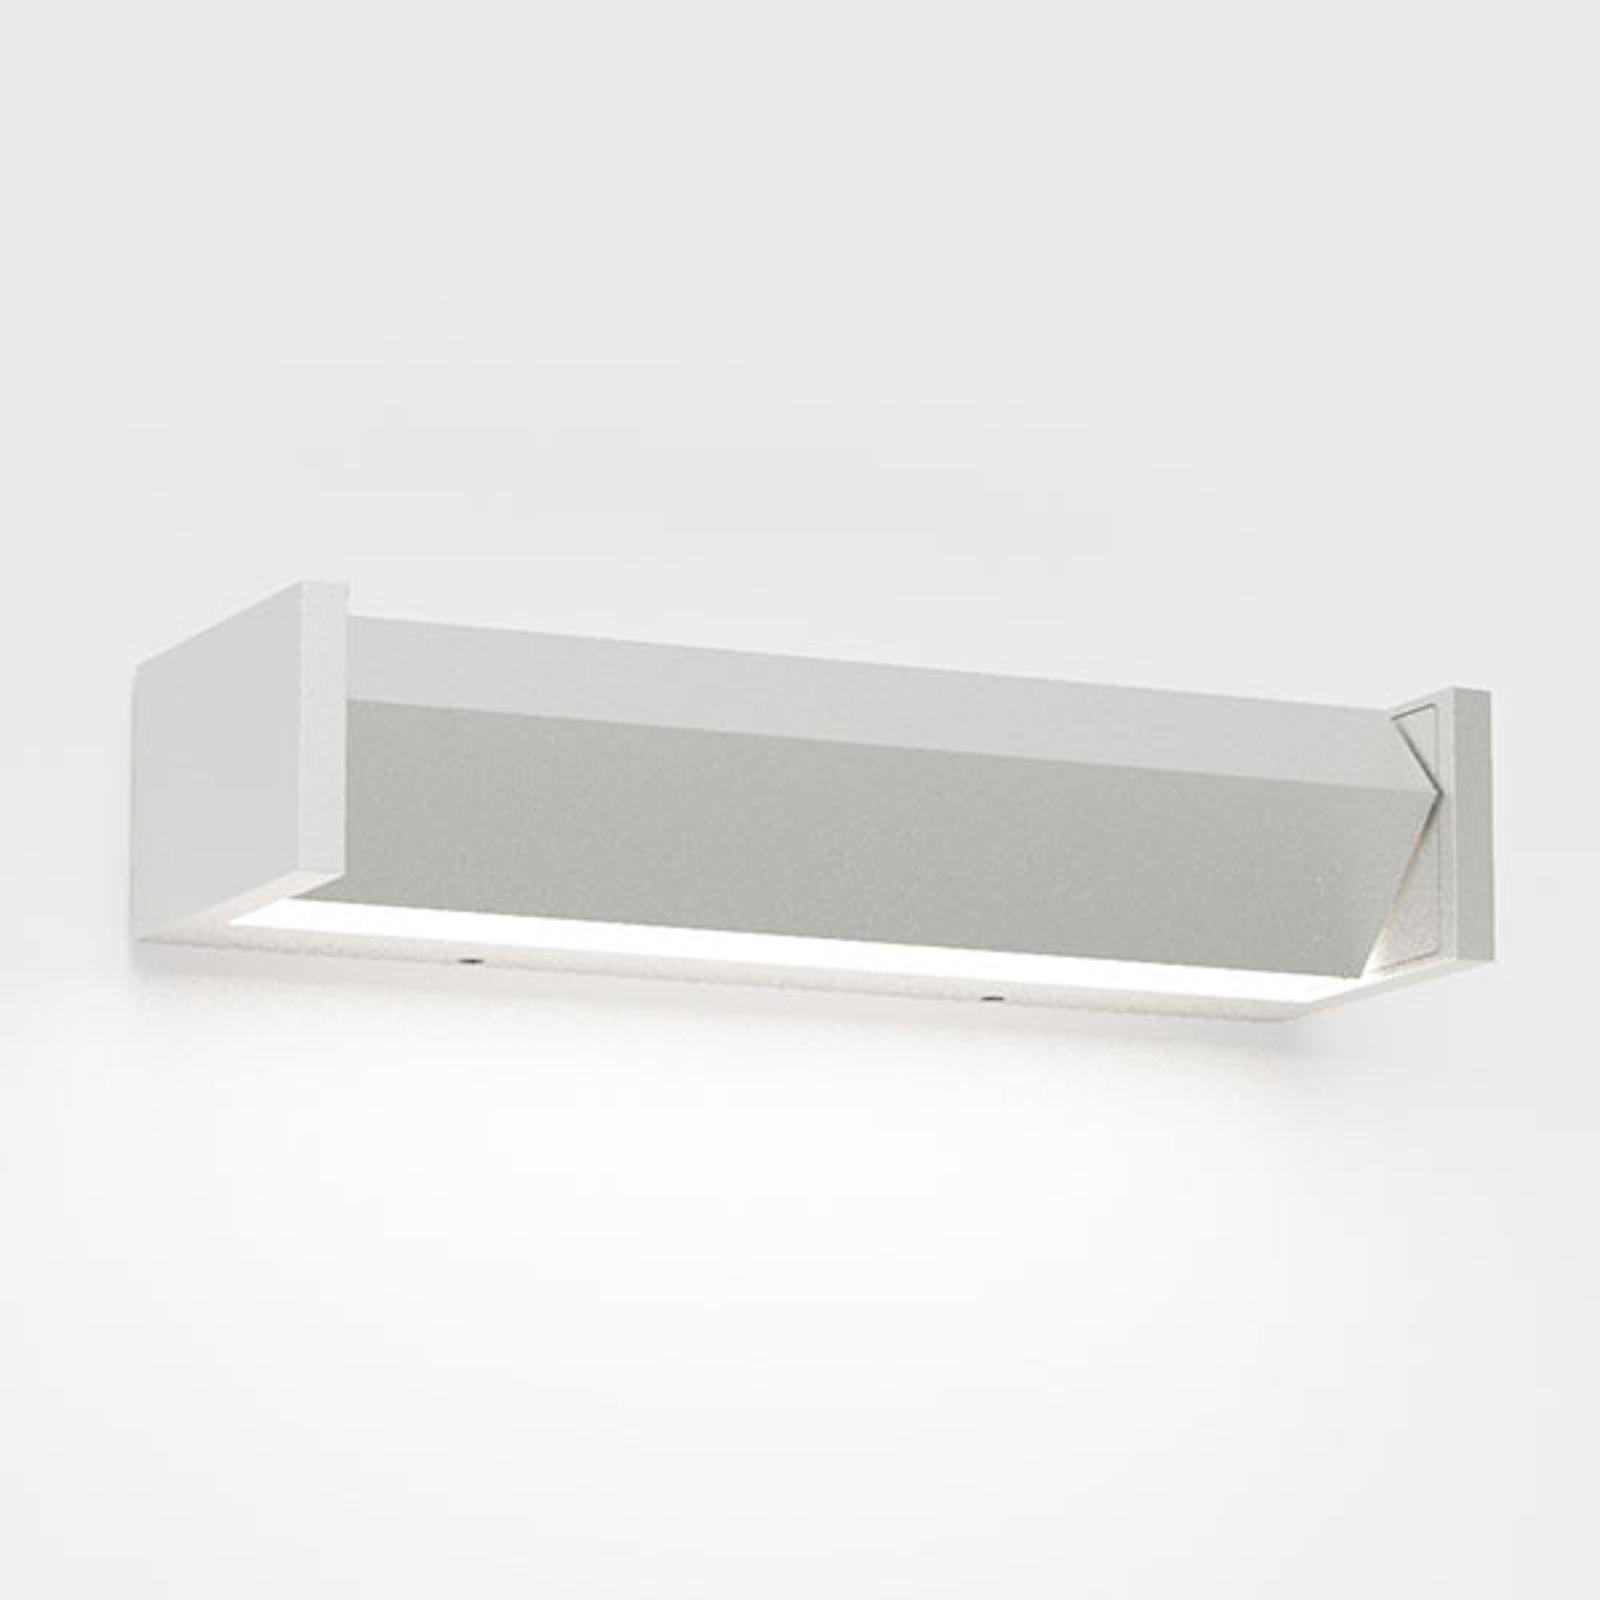 Produktové foto IP44.de IP44.de Slat One LED venkovní nástěnné světlo bílé